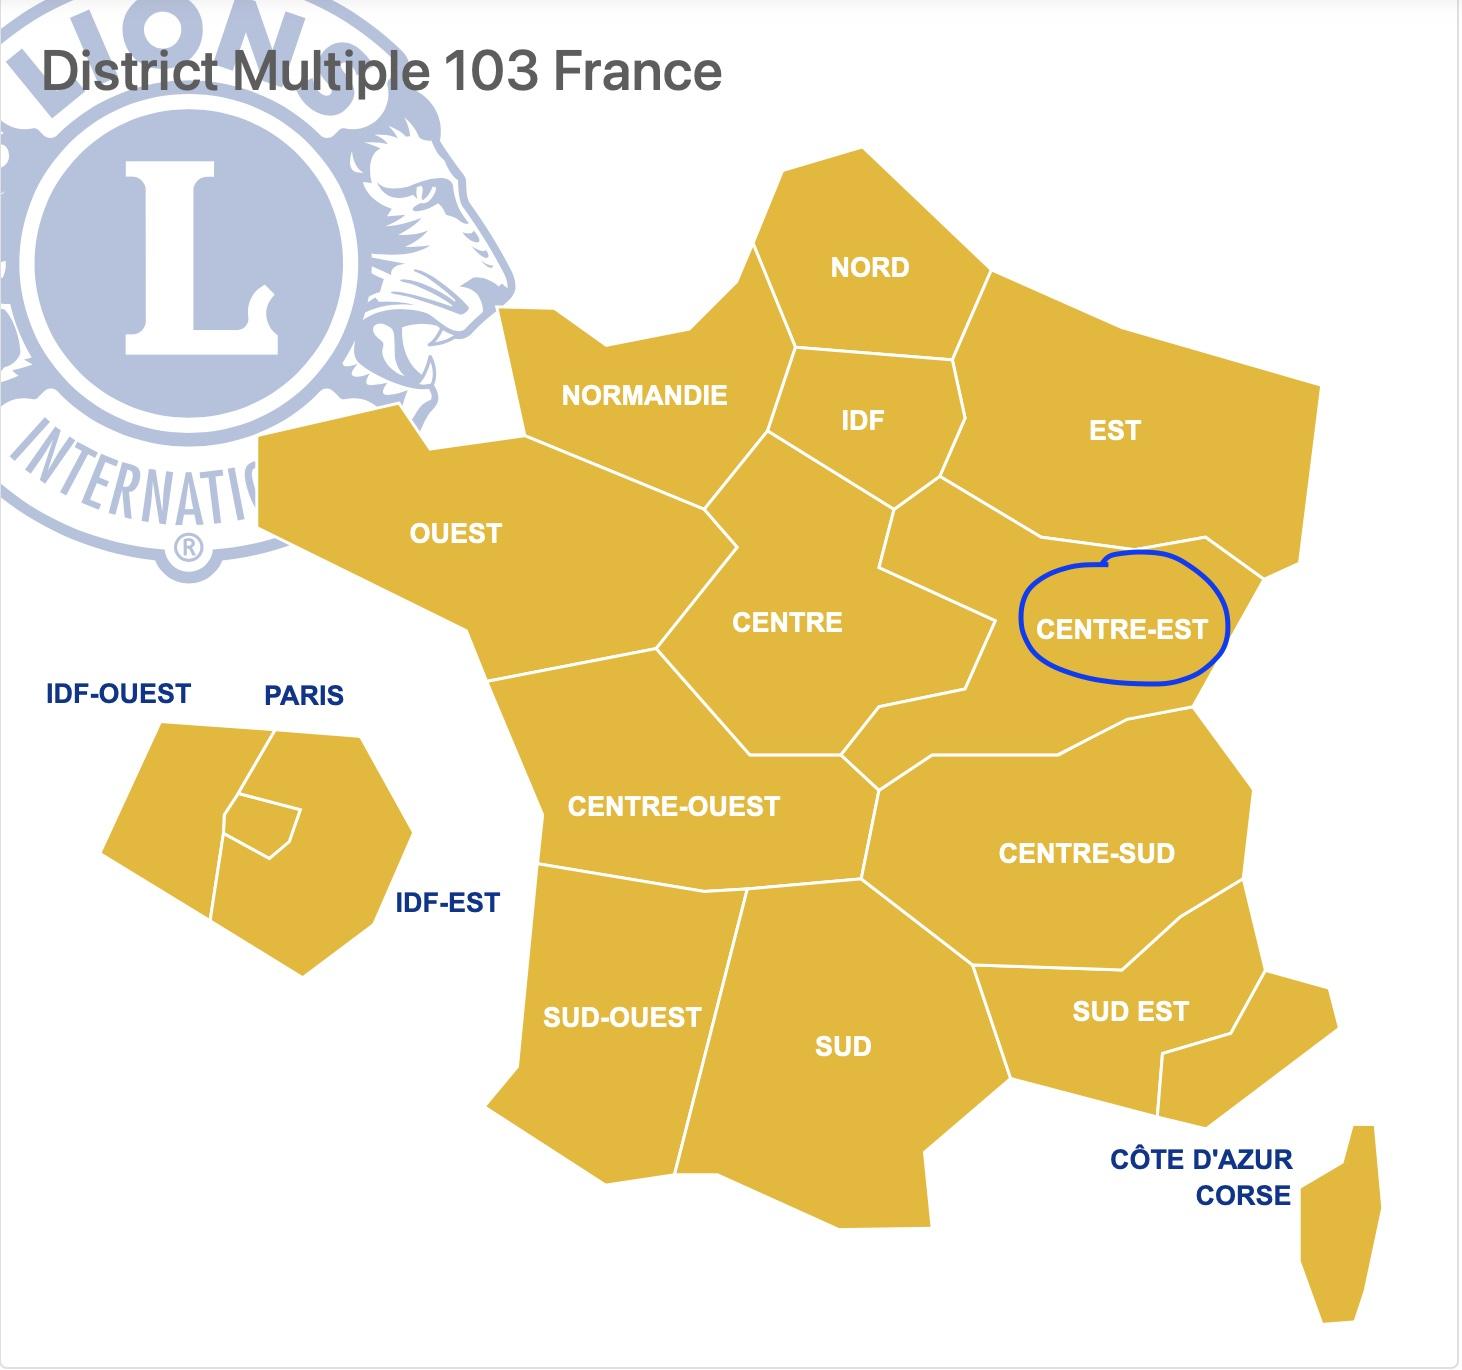 District CENTRE-EST